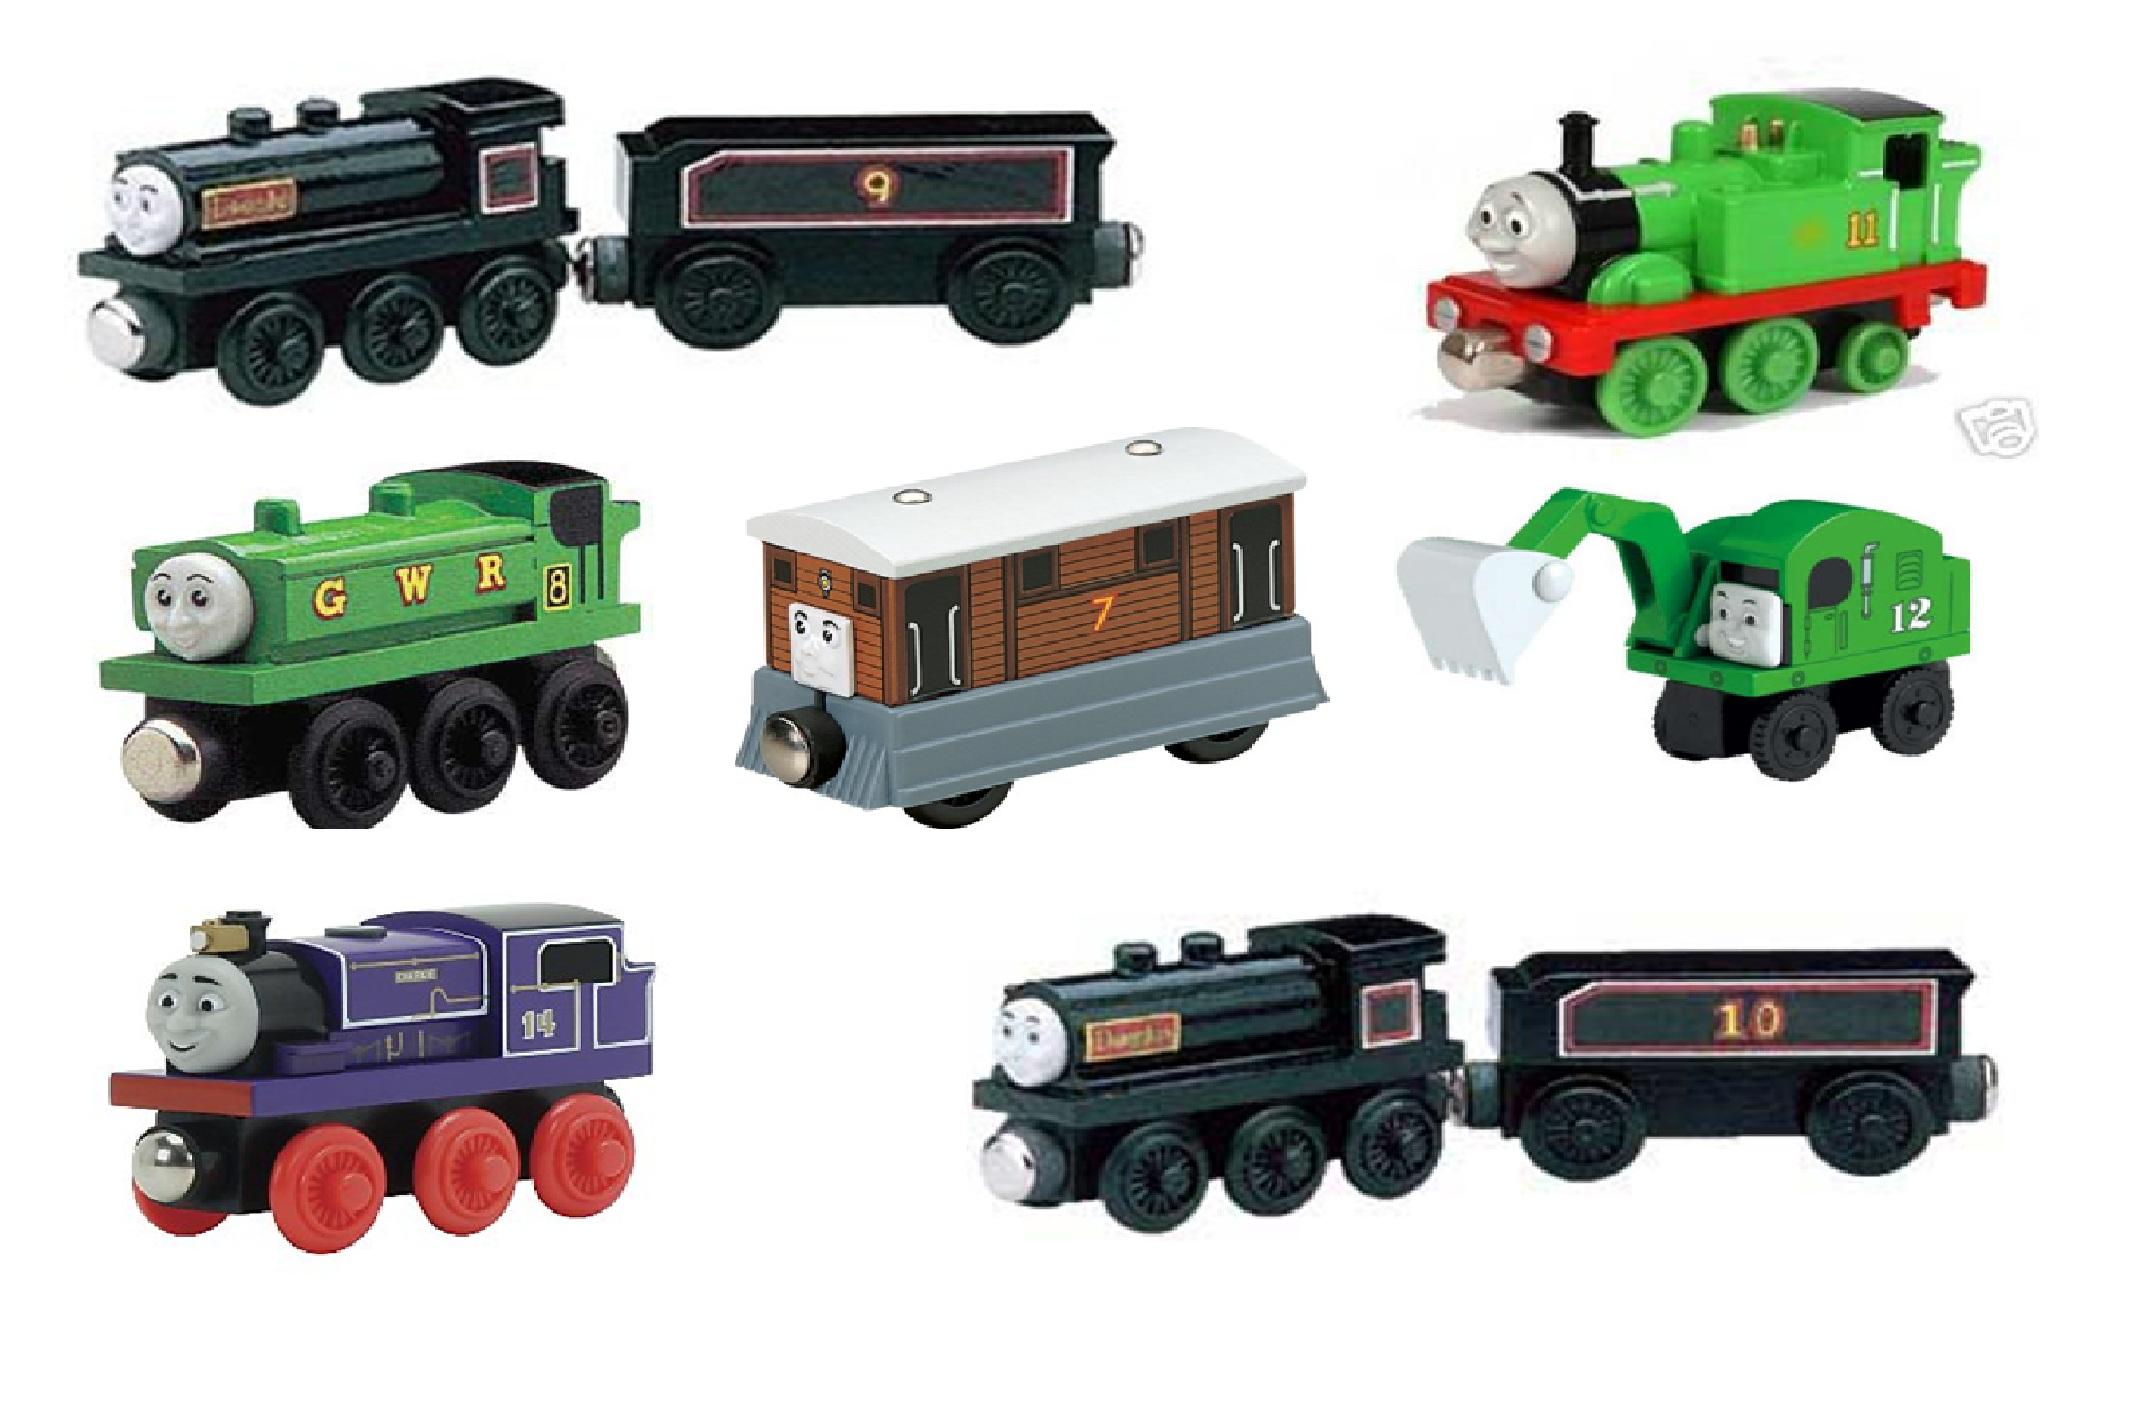 Thomas the train toys dubai 2014